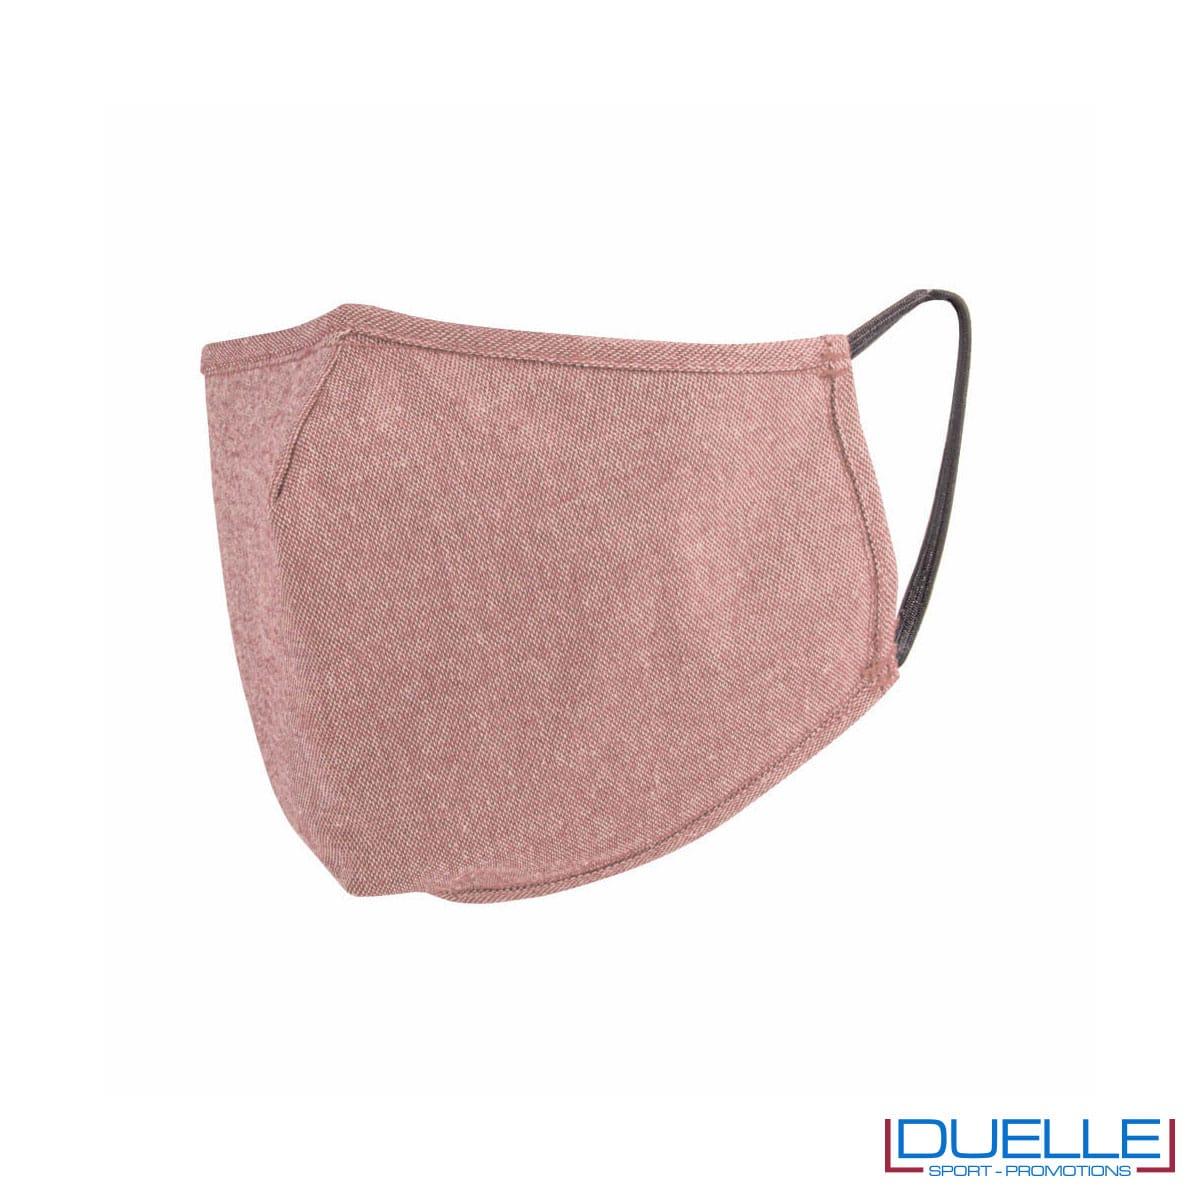 Mascherina protettiva triplo strato lavabile in cotone riciclato colore rosa